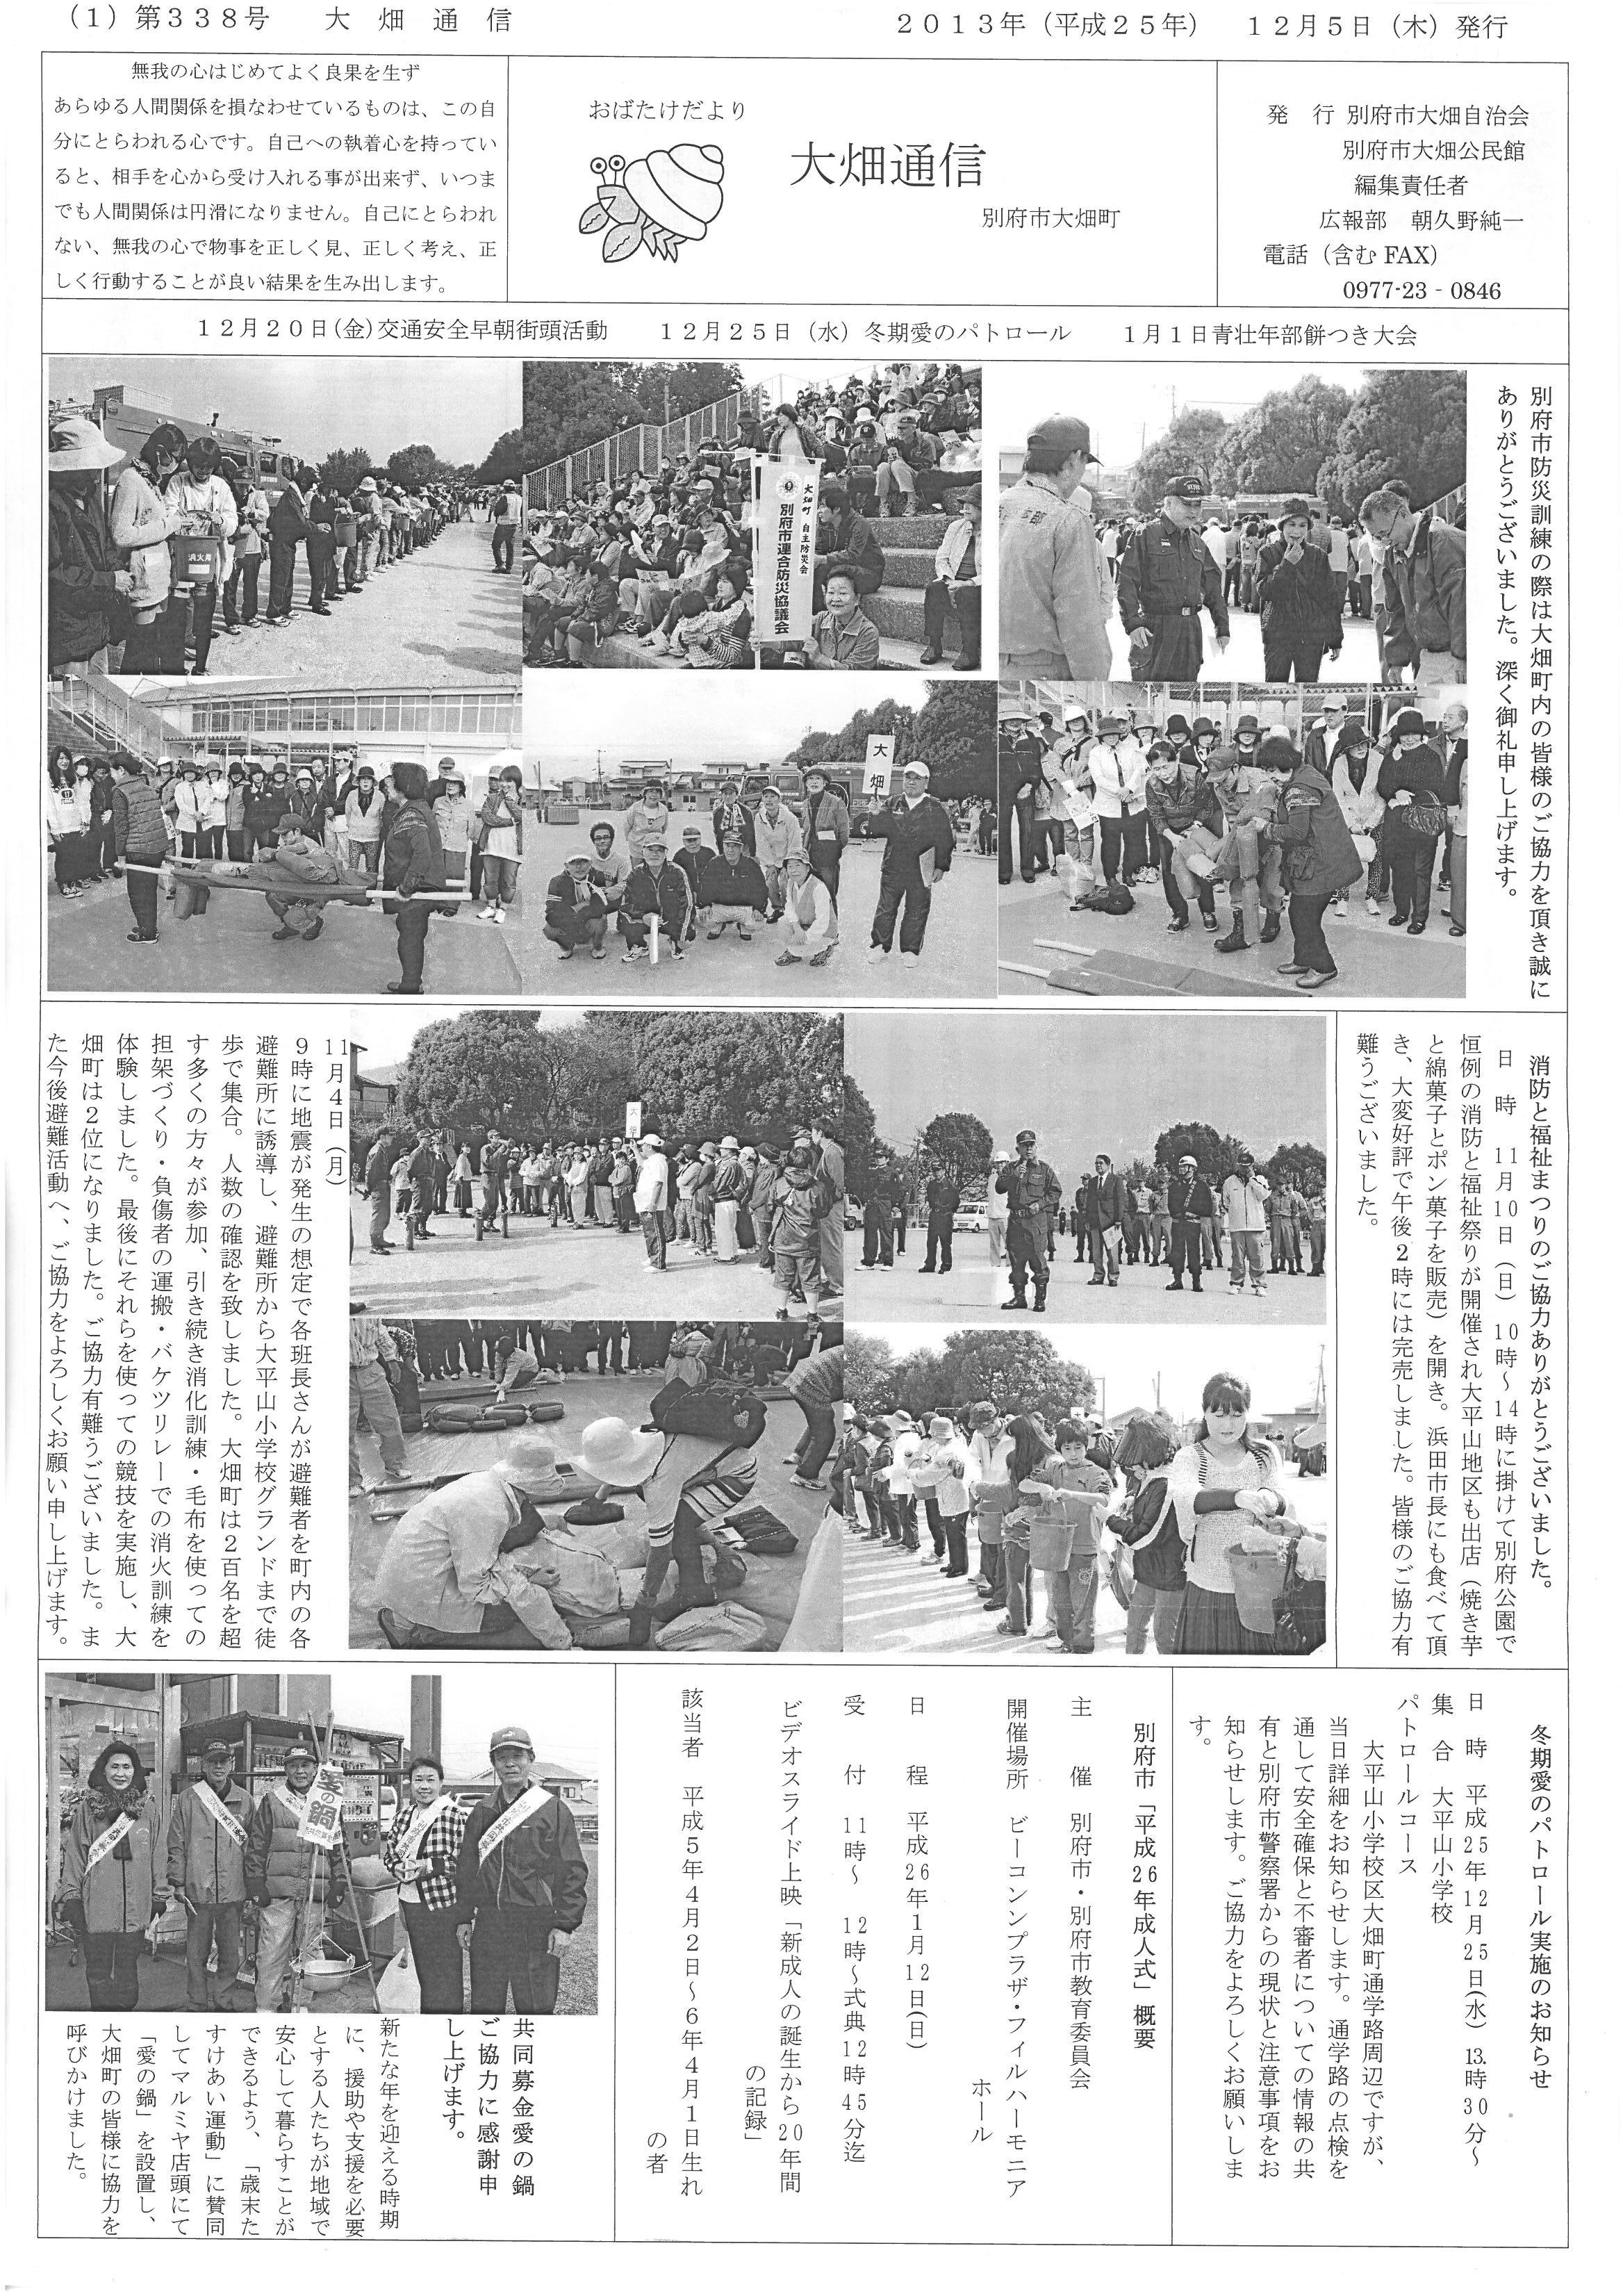 obatake2014_01_01